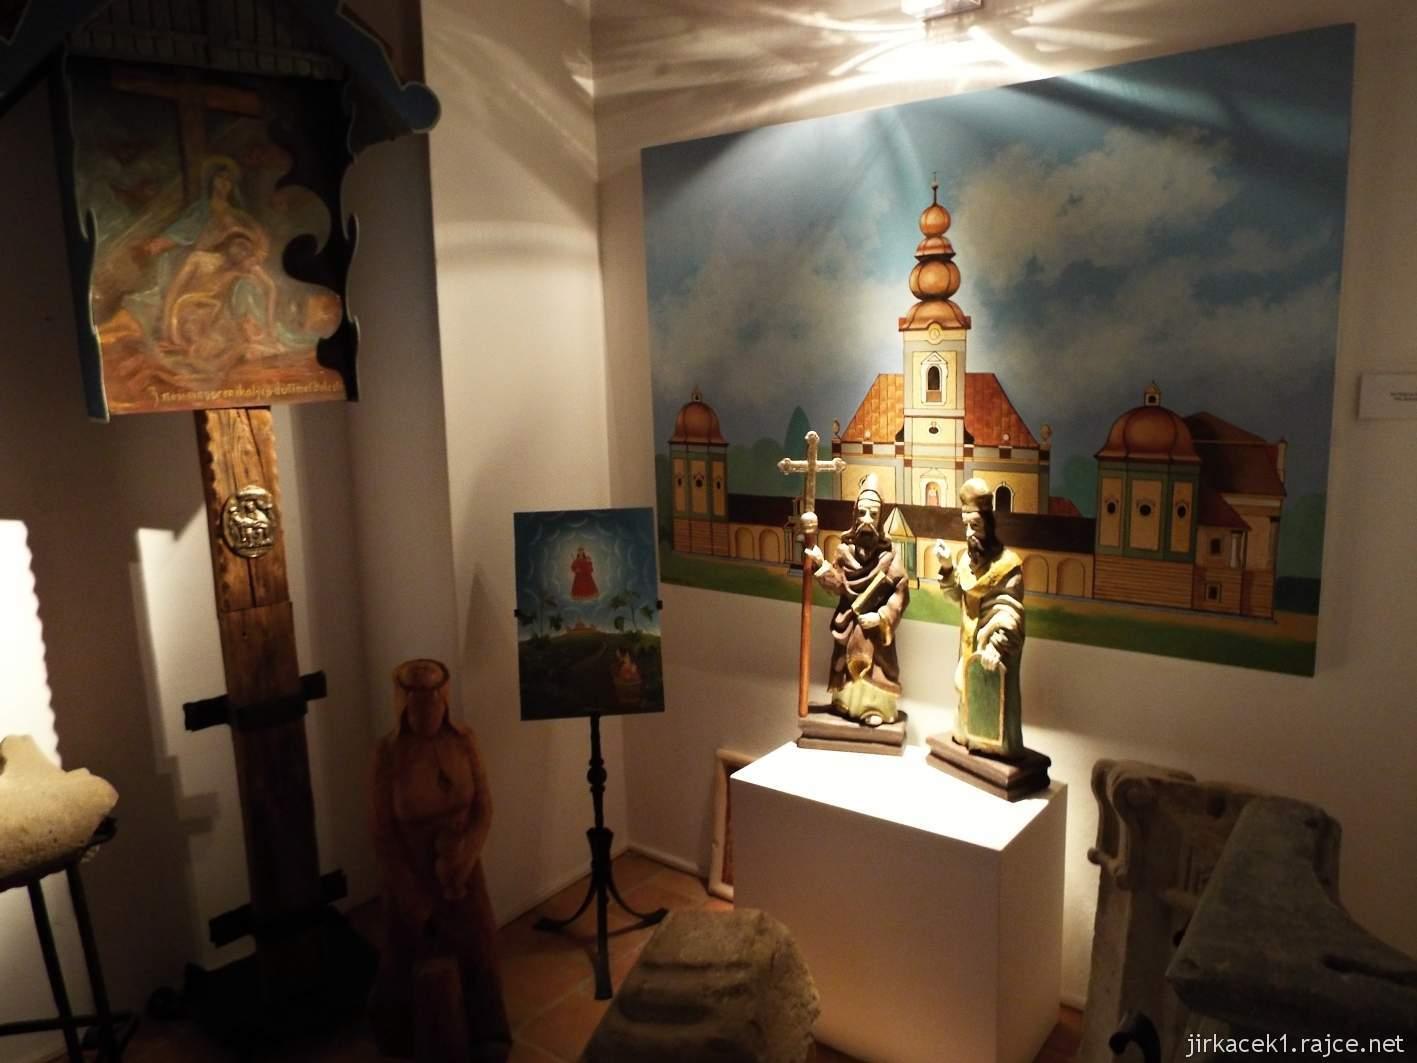 Žarošice - muzeum - expozice původního kostela Staré Matky Boží a rezidence na Silničné